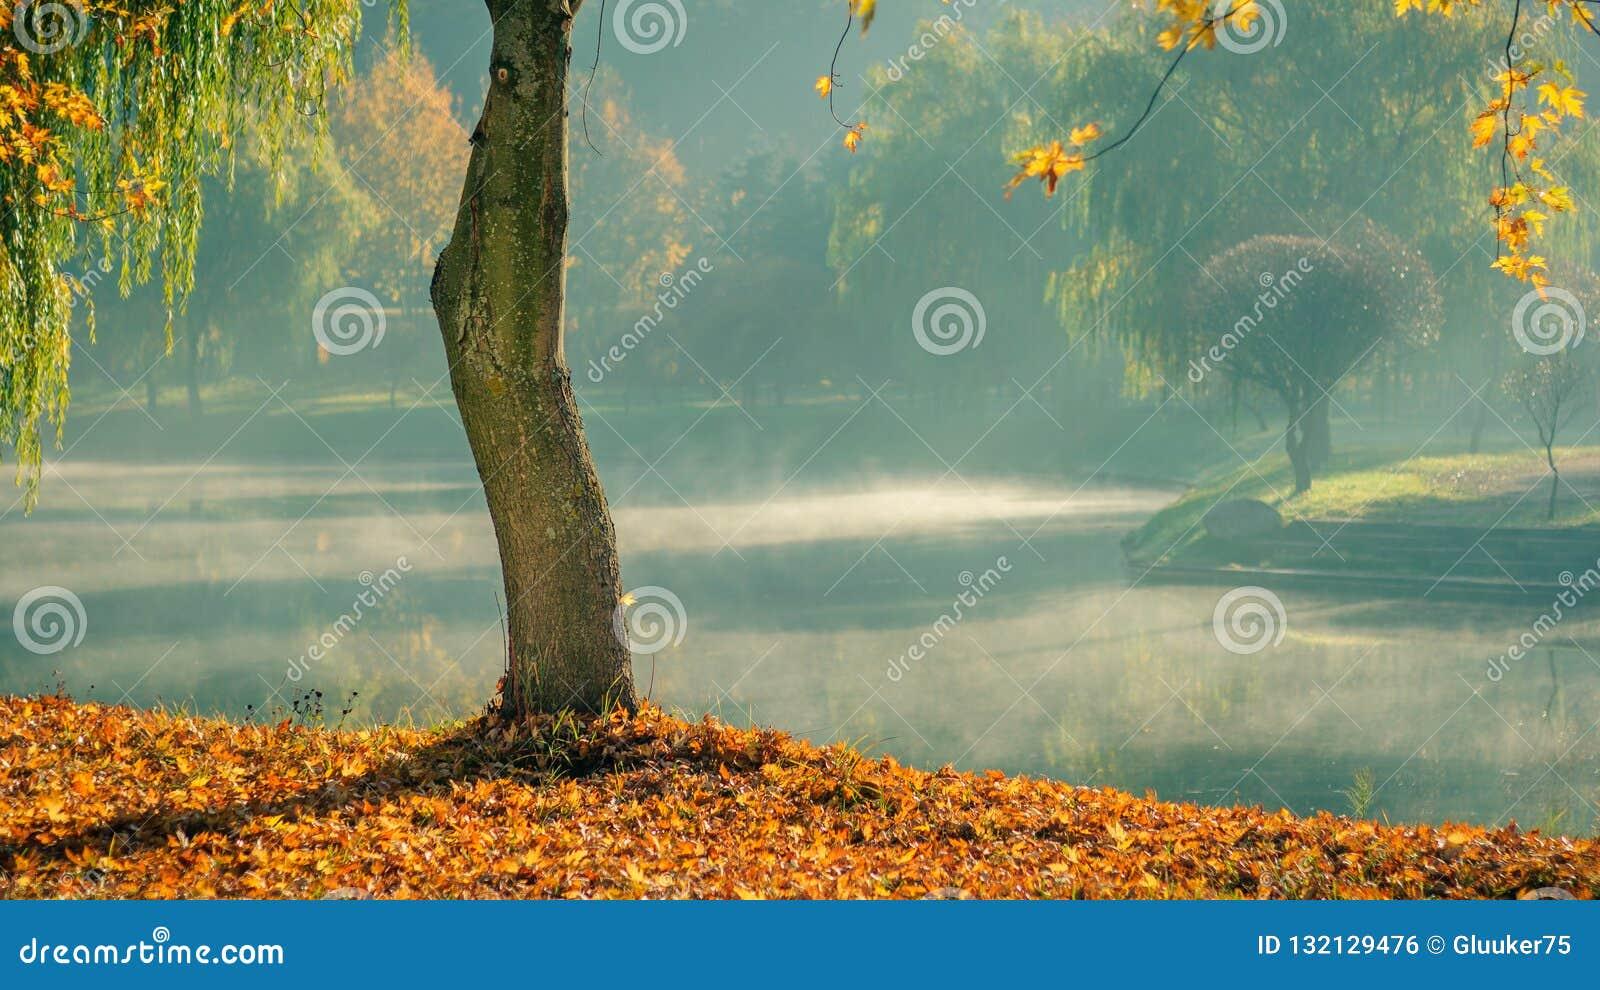 Guld- höst ensamt kalt träd med stupade sidor på kusten mot bakgrunden av ljus morgonmist över vattnet i